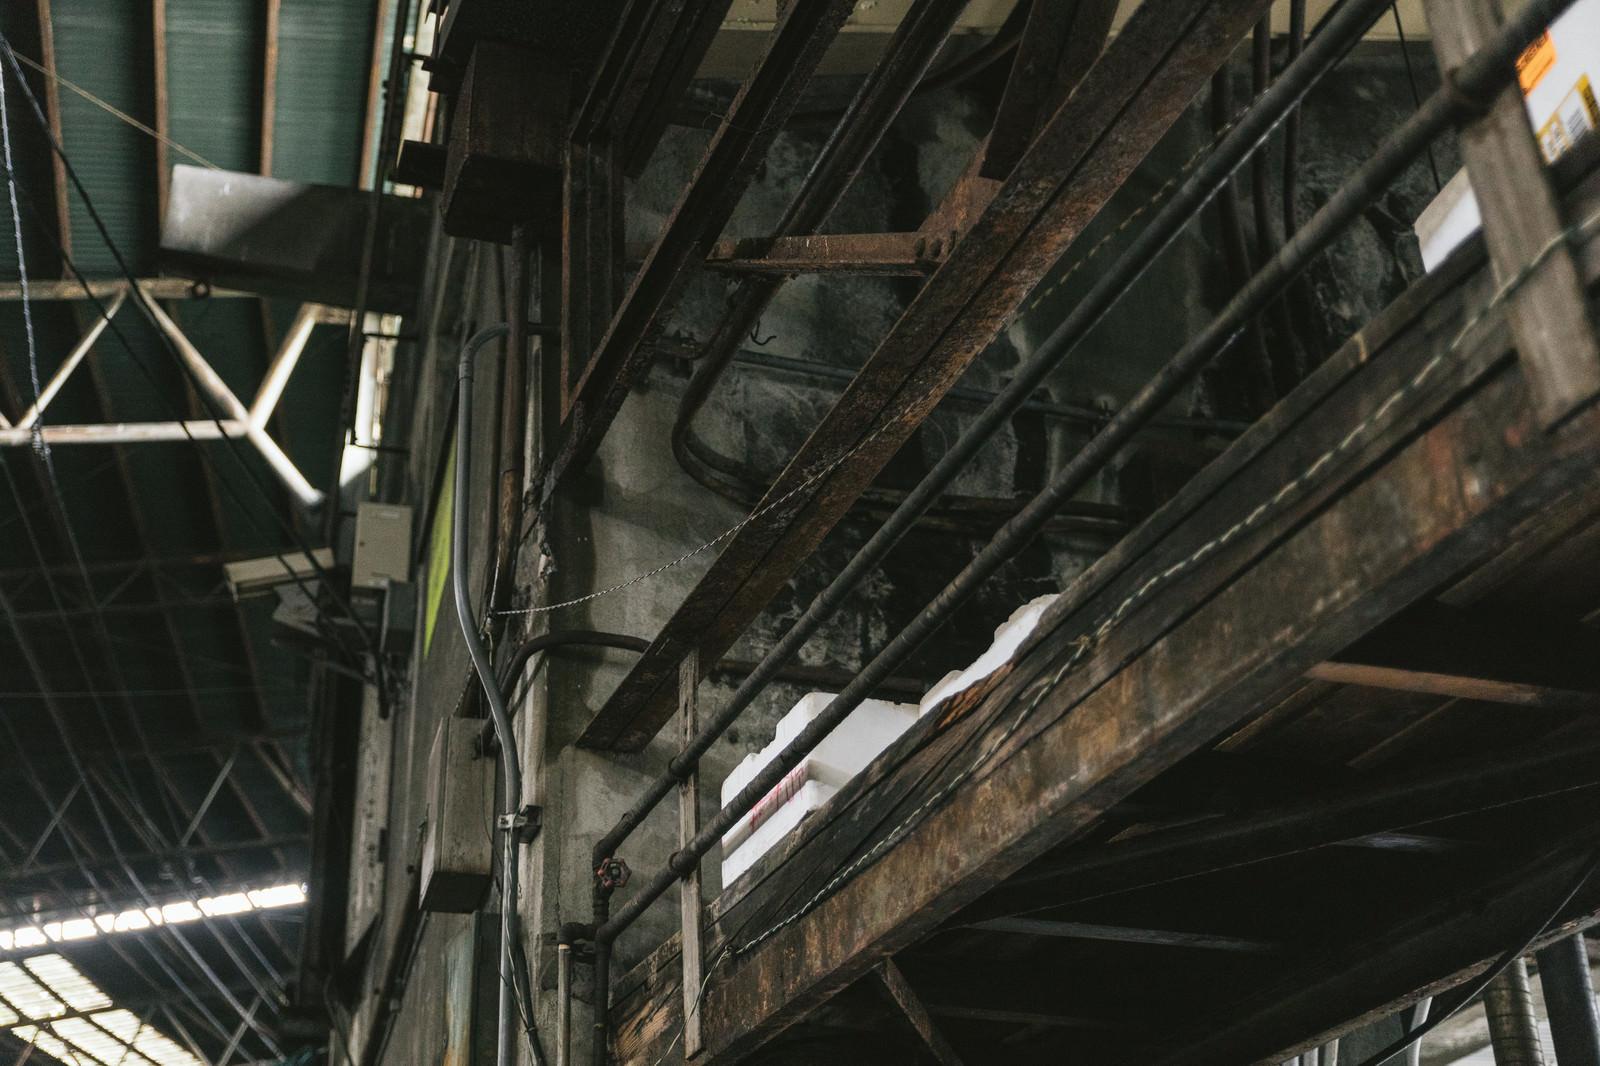 「老朽化に伴い移転予定の築地市場内」の写真